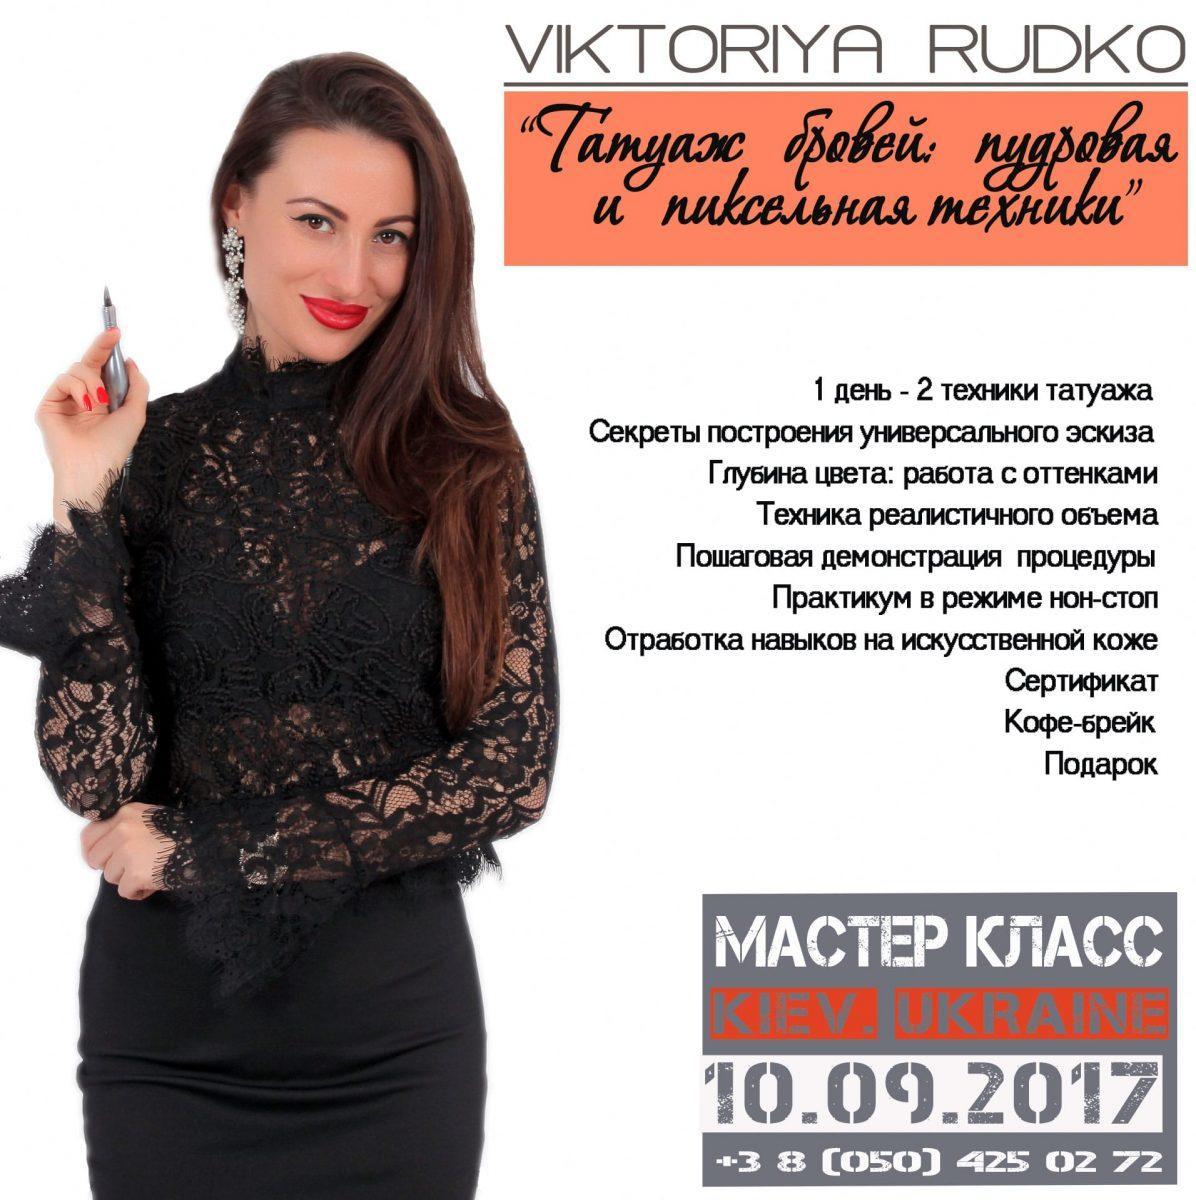 Мастер класс: Пудровые и пиксельные брови — Виктория Рудько